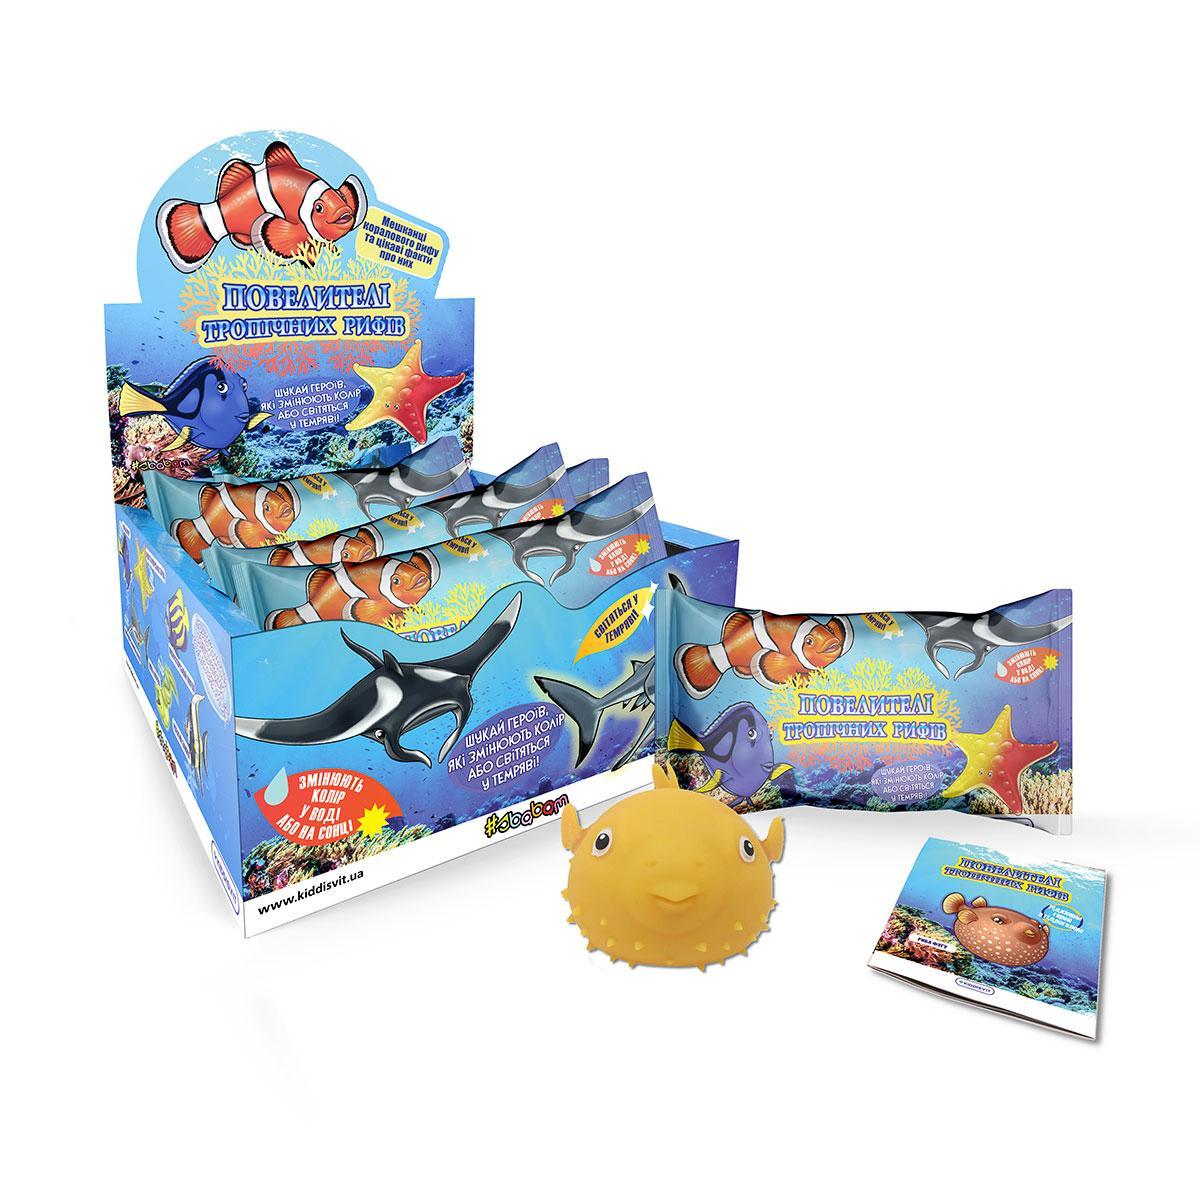 Стретч-игрушка в виде животного  – Повелители Тропических Рифов #SBABAM (12 шт, в дисплее)